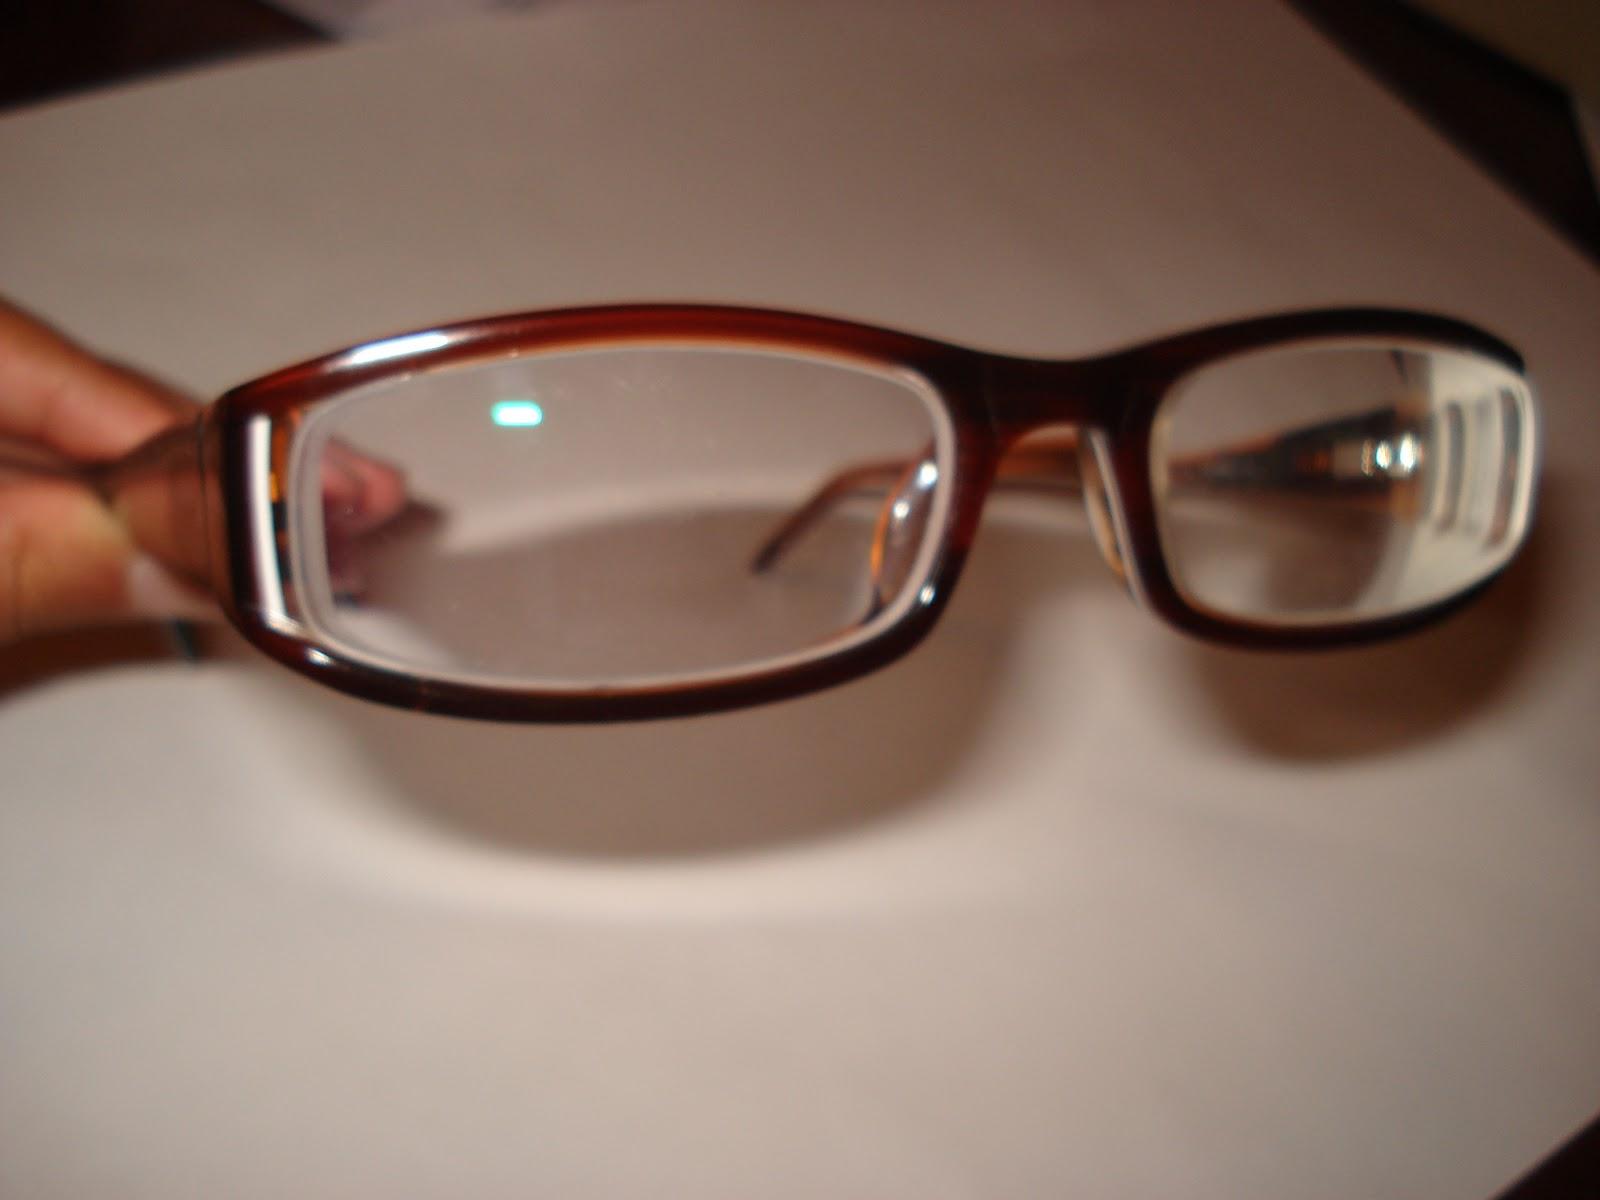 sitzt meine brille richtig